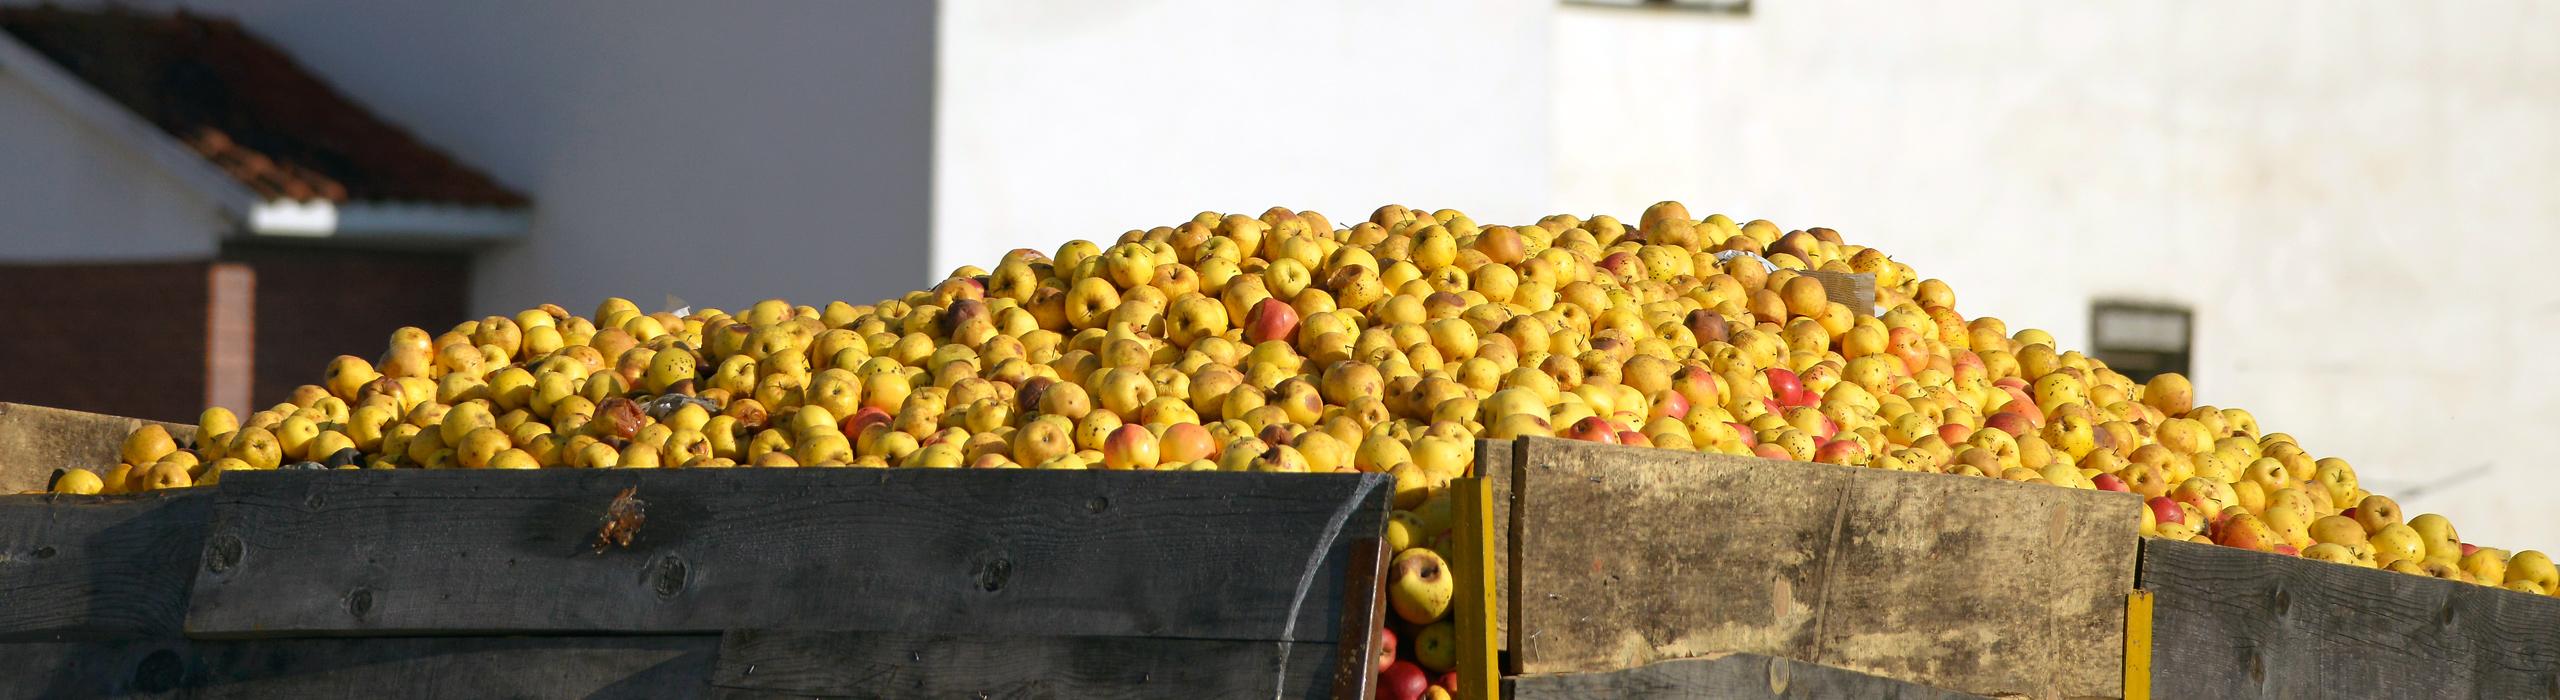 Bellmer Separation Technology Fruit Juice and Fruit